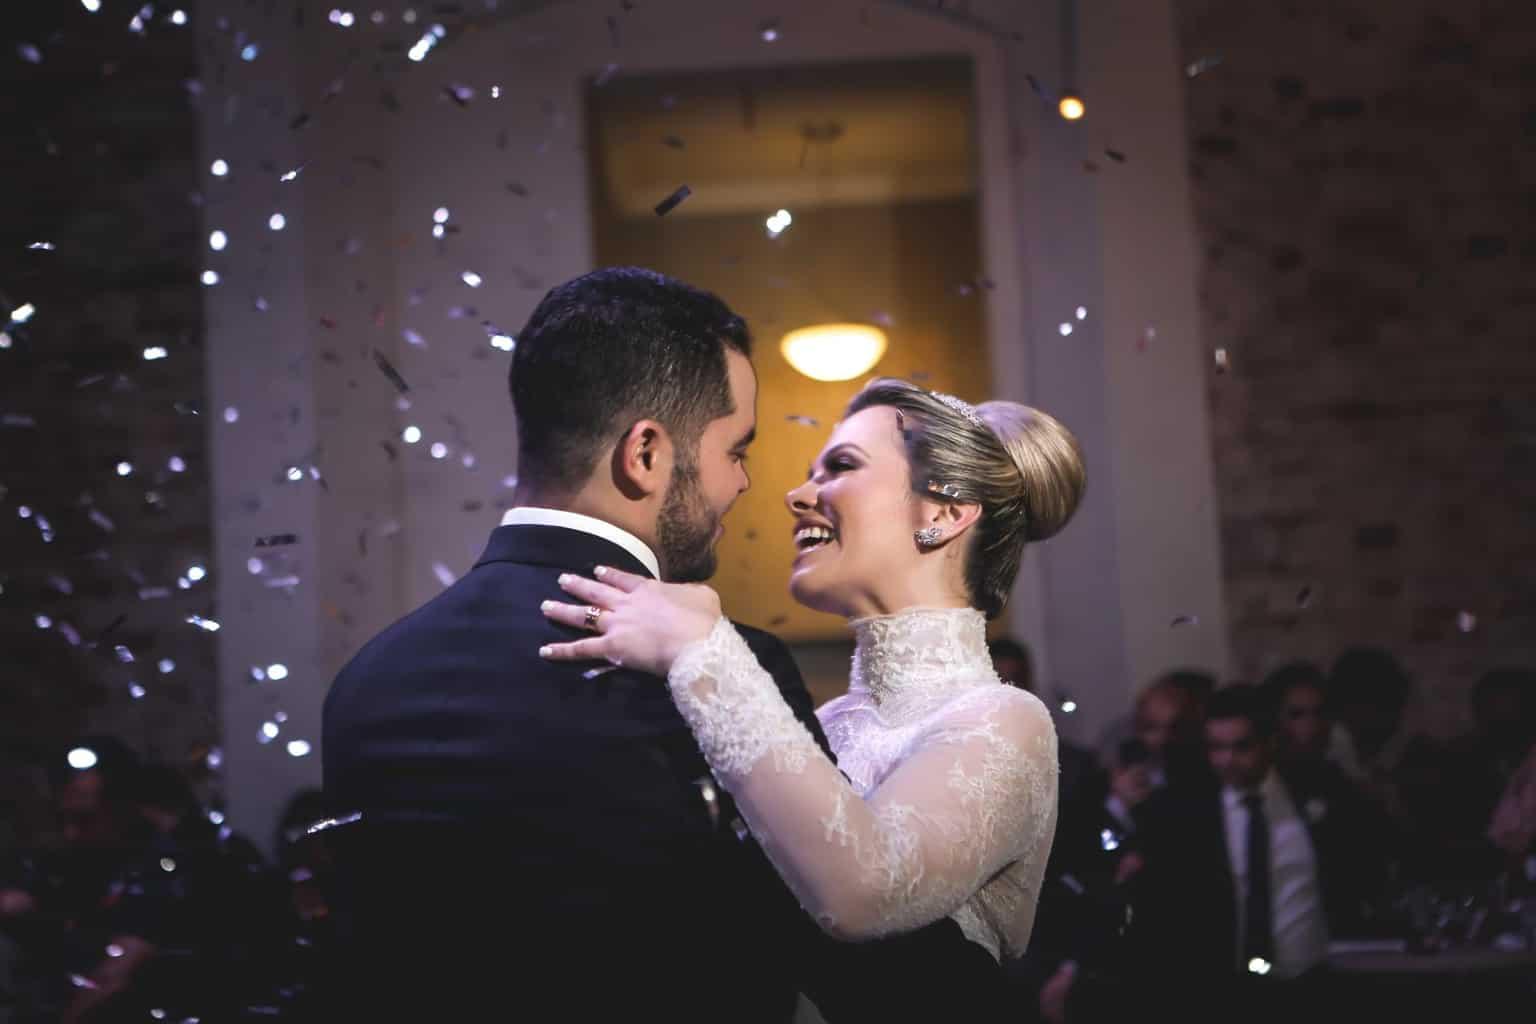 casamento-Juliana-e-Eduardo-danca-do-casal-foto-dos-noivos-Fotografia-Ricardo-Nascimento-e-Thereza-magno-Usina-dois-irmãos95